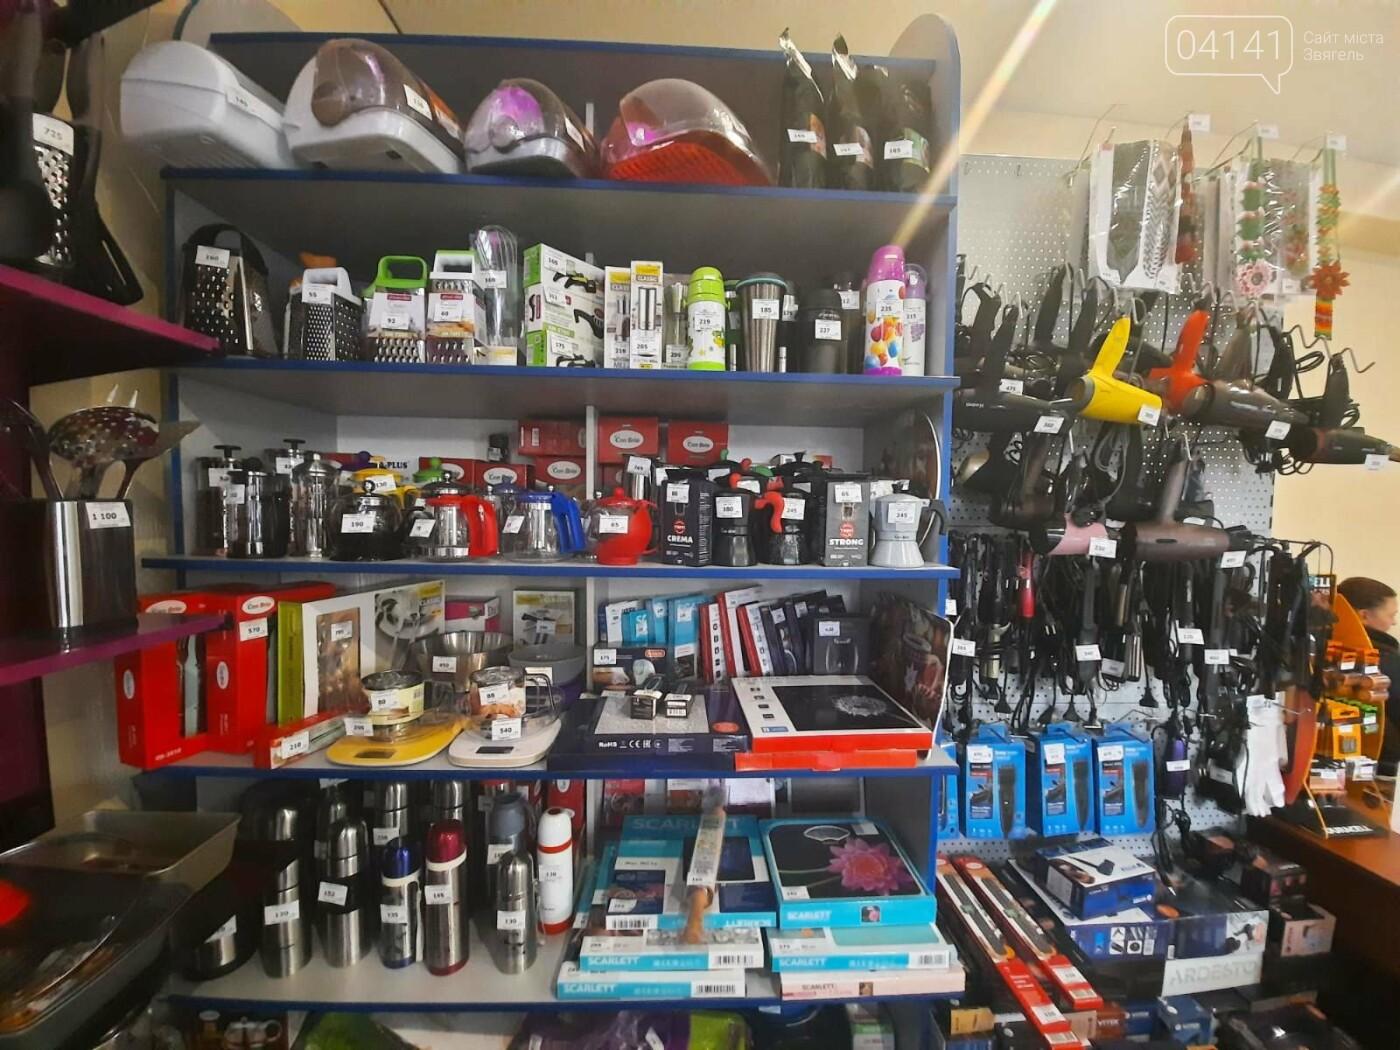 Новий магазин товарів для дому та побутової техніки відкрився в Новограді-Волинському, фото-1